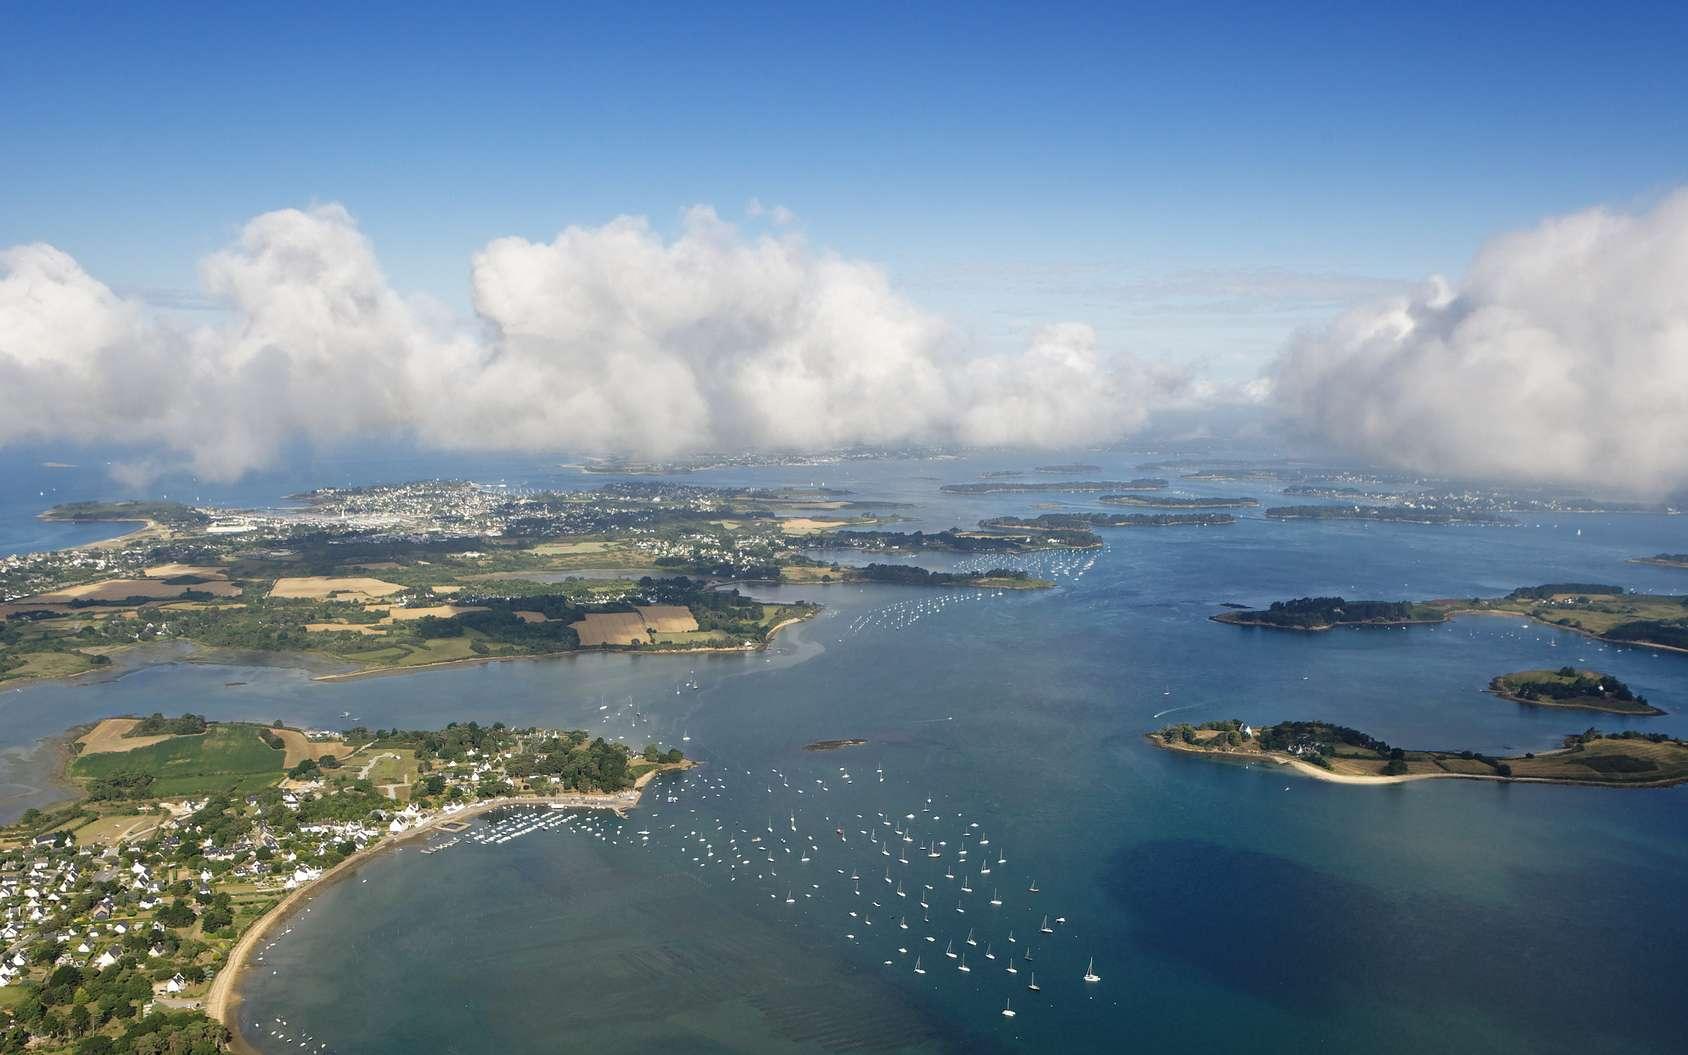 Le Logéo, l'île Govihan, dans le golfe du Morbihan. © Philippe Devanne, fotolia